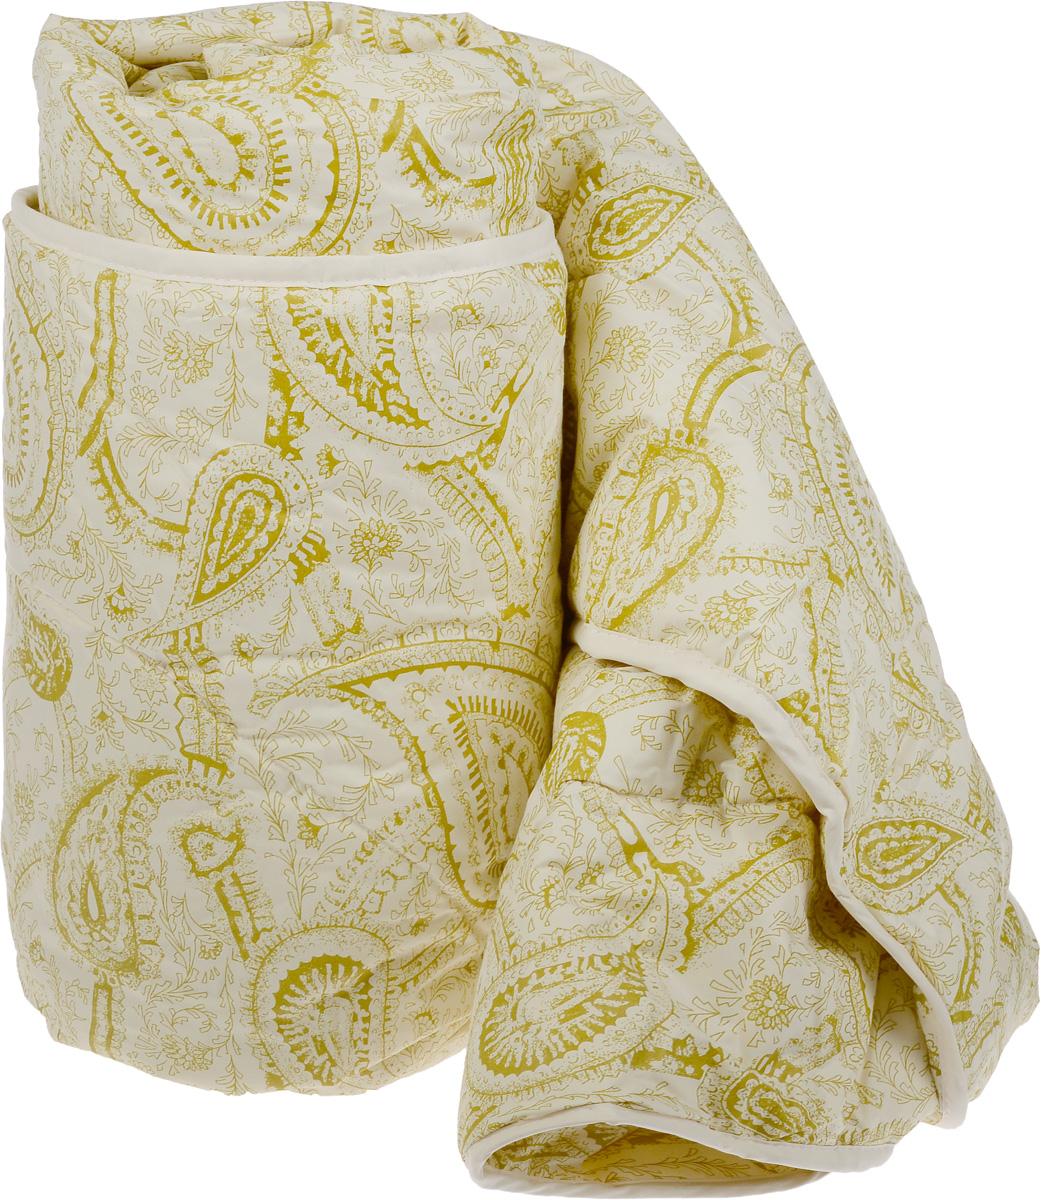 Одеяло Classic by Togas Пух в тике, наполнитель: лебяжий пух, 140 х 200 см. 20.04.12.007520.04.12.0075Одеяло Classic by Togas Пух в тике подарит комфортный и спокойный сон. Чехол одеяла выполнен из тика (100% хлопок), а наполнитель - синтетическое микроволокно лебяжий пух. Одеяло имеет классический крой, скругленные углы, кант и стежку, которая равномерно распределяет наполнитель внутри. Благодаря непревзойденным пуходержащим свойствам тика вы ощутите идеальный комфорт. Эта пухосдерживающая ткань прочнейшего саржевого или полотняного переплетения имеет специальную пропитку, которая не дает даже мельчайшим волокнам наполнителя проникать сквозь ткань. Тик превосходно пропускает воздух, впитывает влагу, оставаясь при этом сухим на ощупь. Тиковая ткань мягкая, нежная и не раздражает кожу, но при этом очень практичная и прочная. Микроволокно, которым наполнено одеяло, очень схоже с натуральным лебяжьим пухом - оно такое же мягкое, нежное и упругое. При этом микроволокно очень прочно и долговечно, гипоаллергенно и мгновенно восстанавливает ...